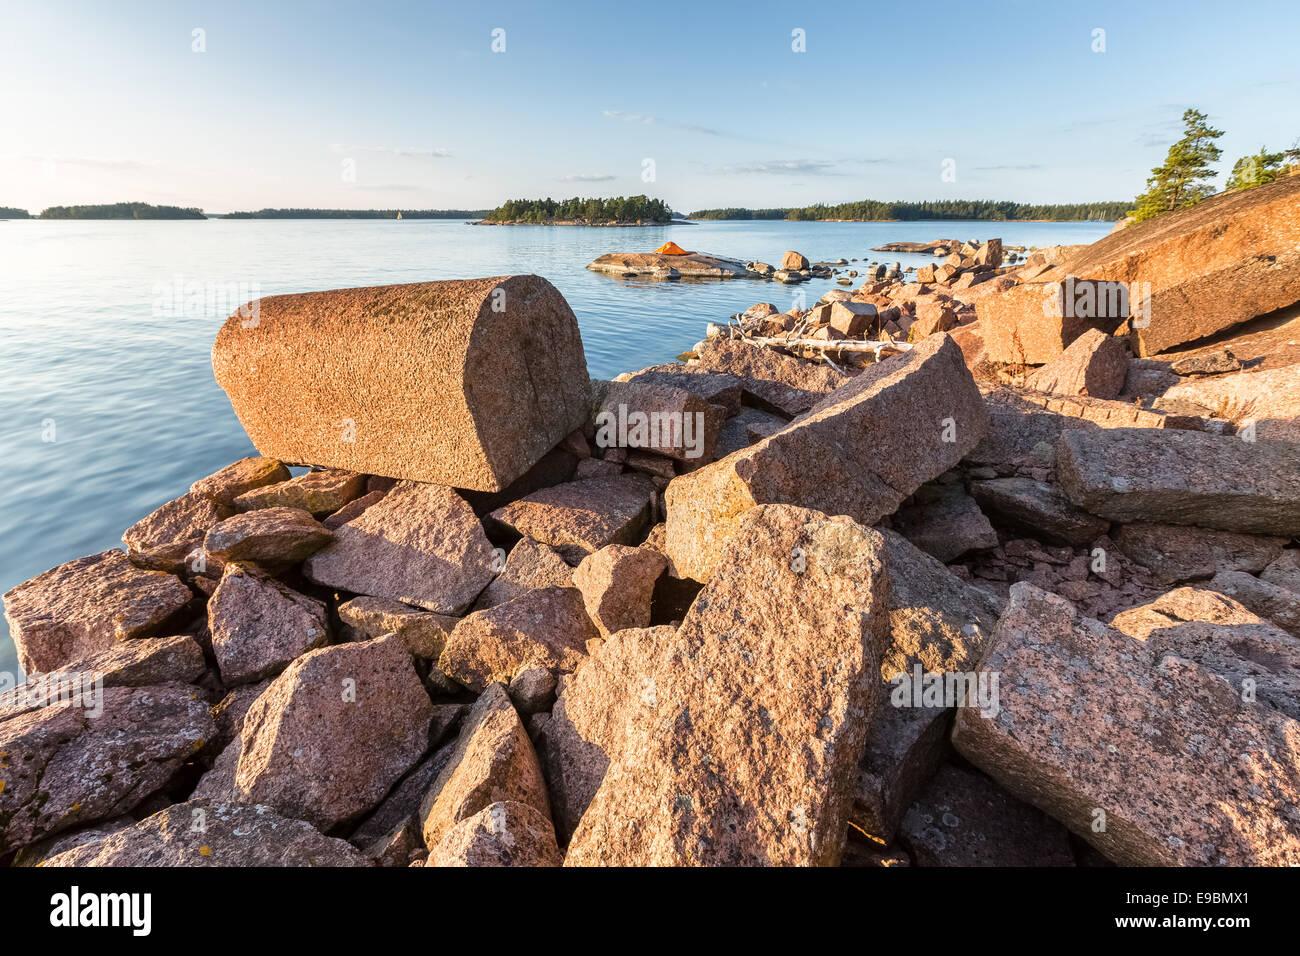 La cosiddetta di Napoleone in pietra a Onaslandet isola, Porvoo, Finlandia, Europa, UE Immagini Stock